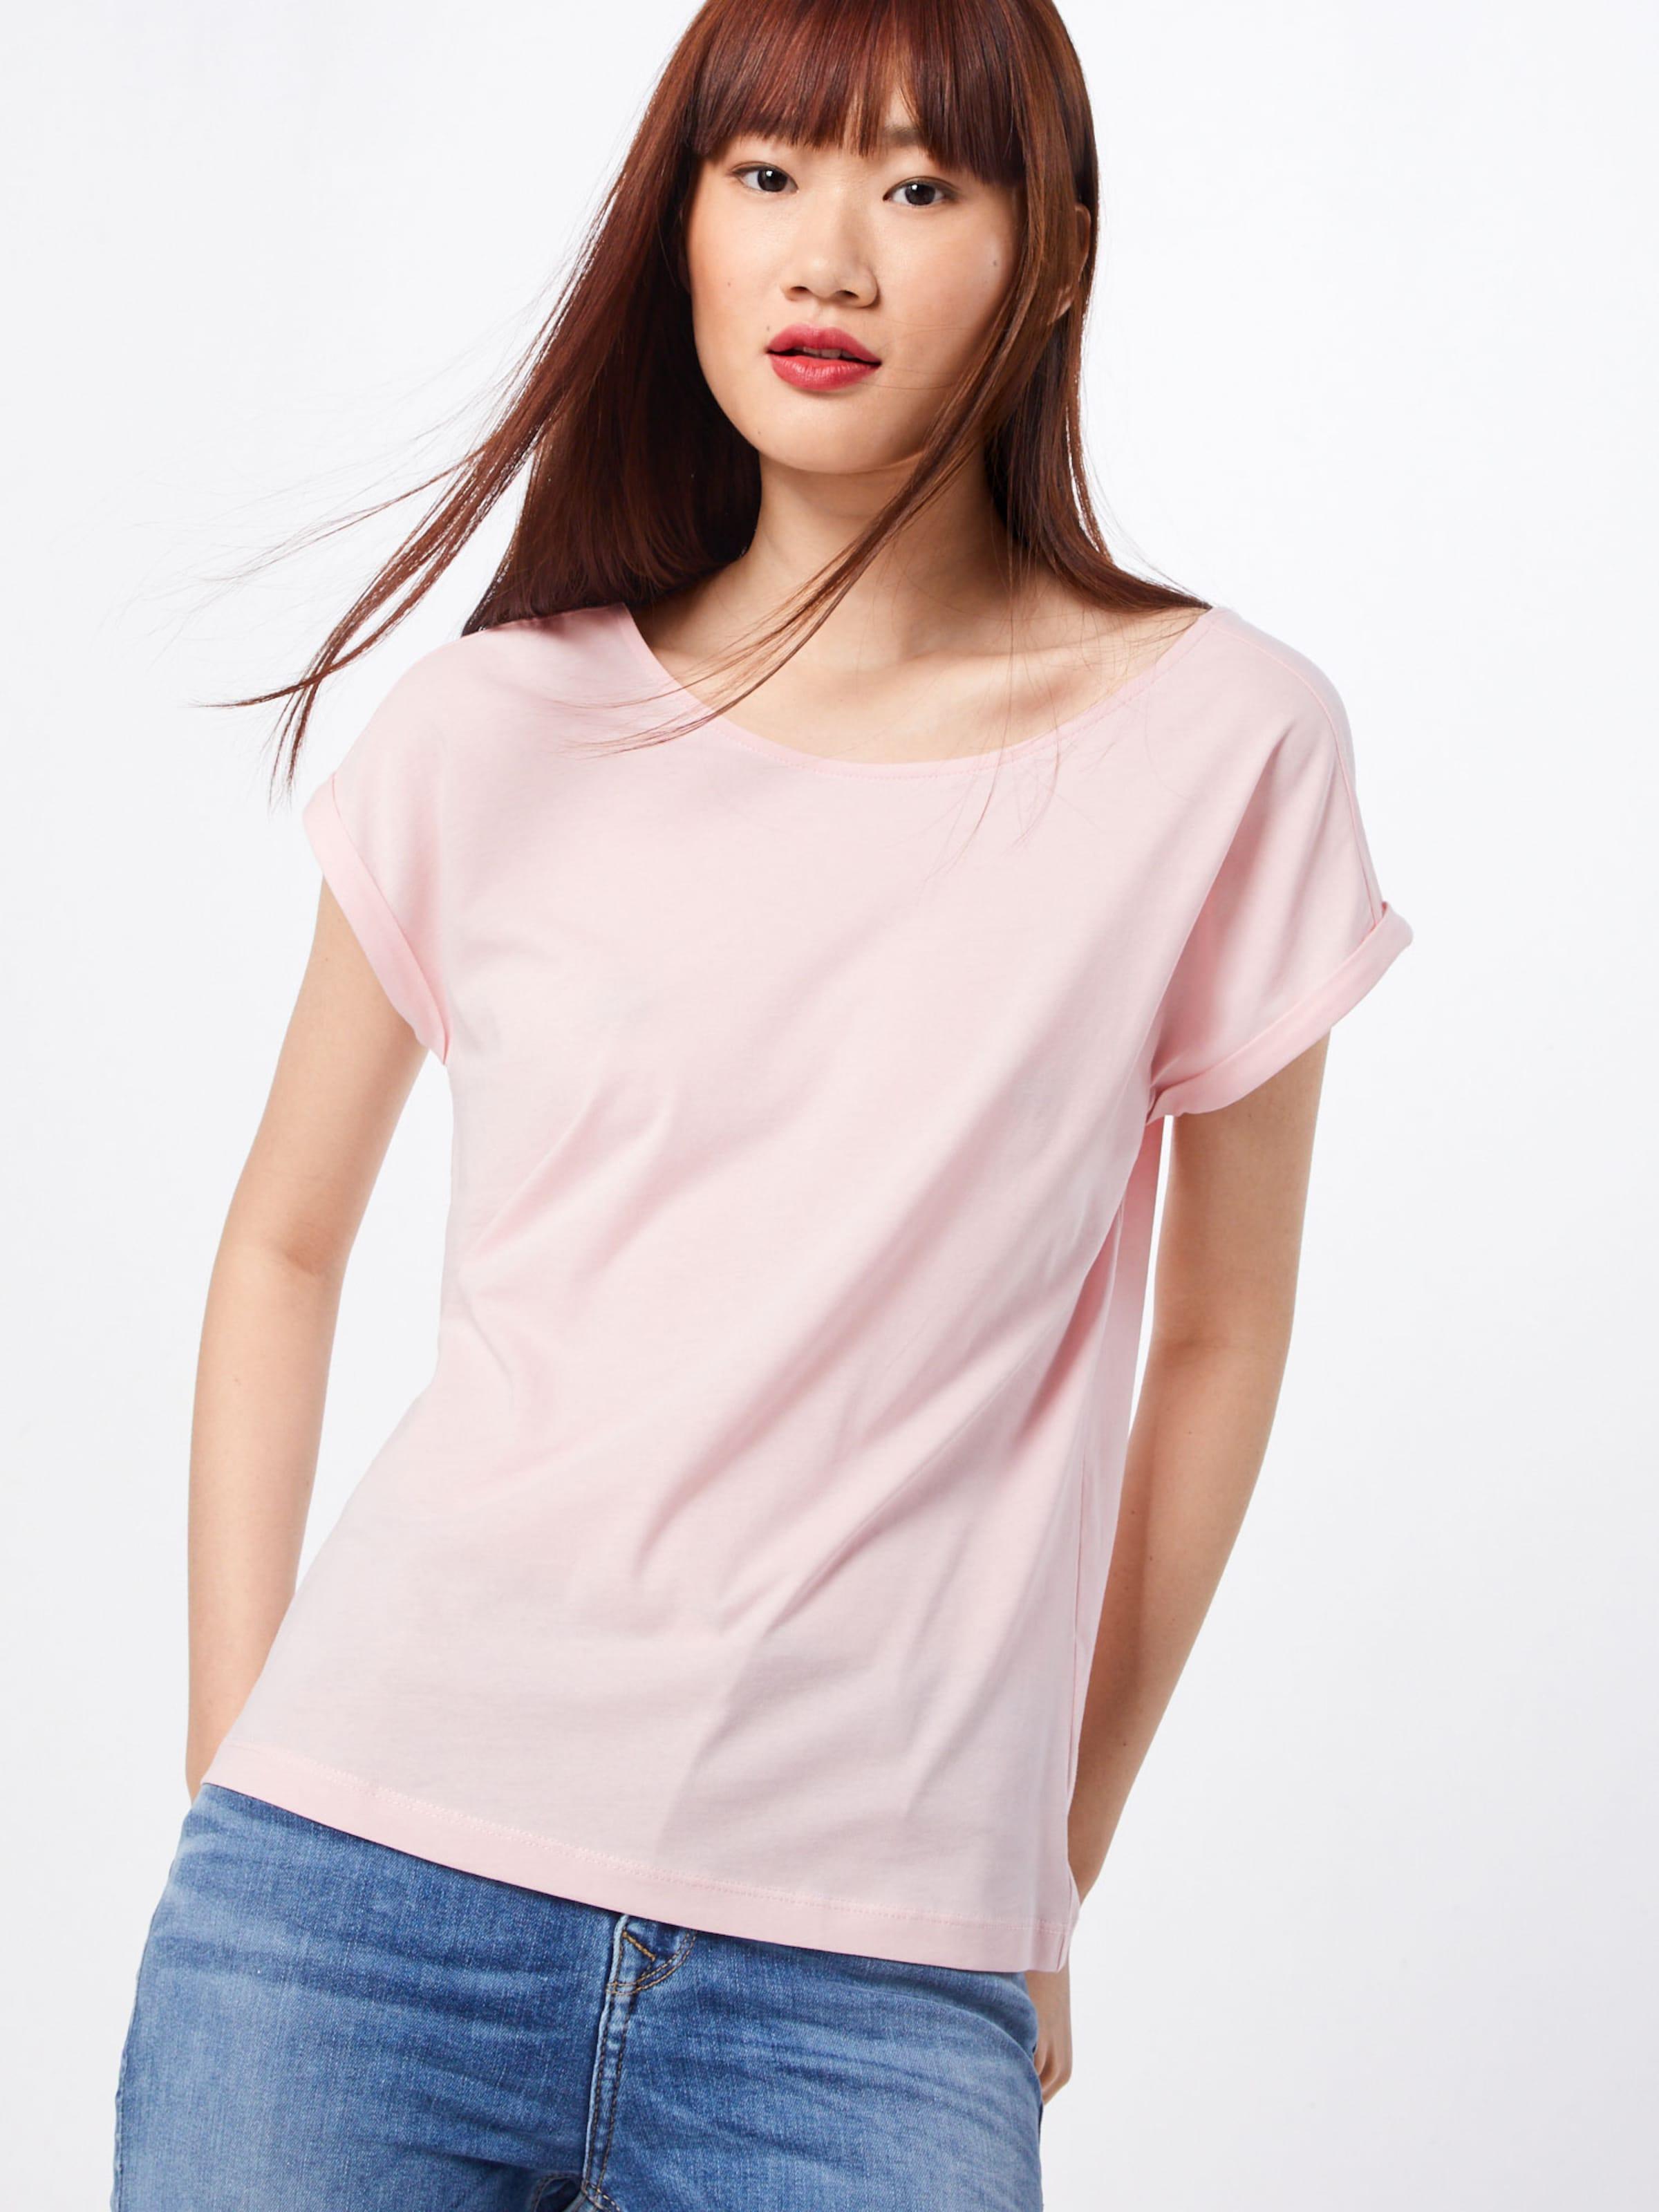 S Label T shirt Clair Rose oliver Red En TK5u1JclF3